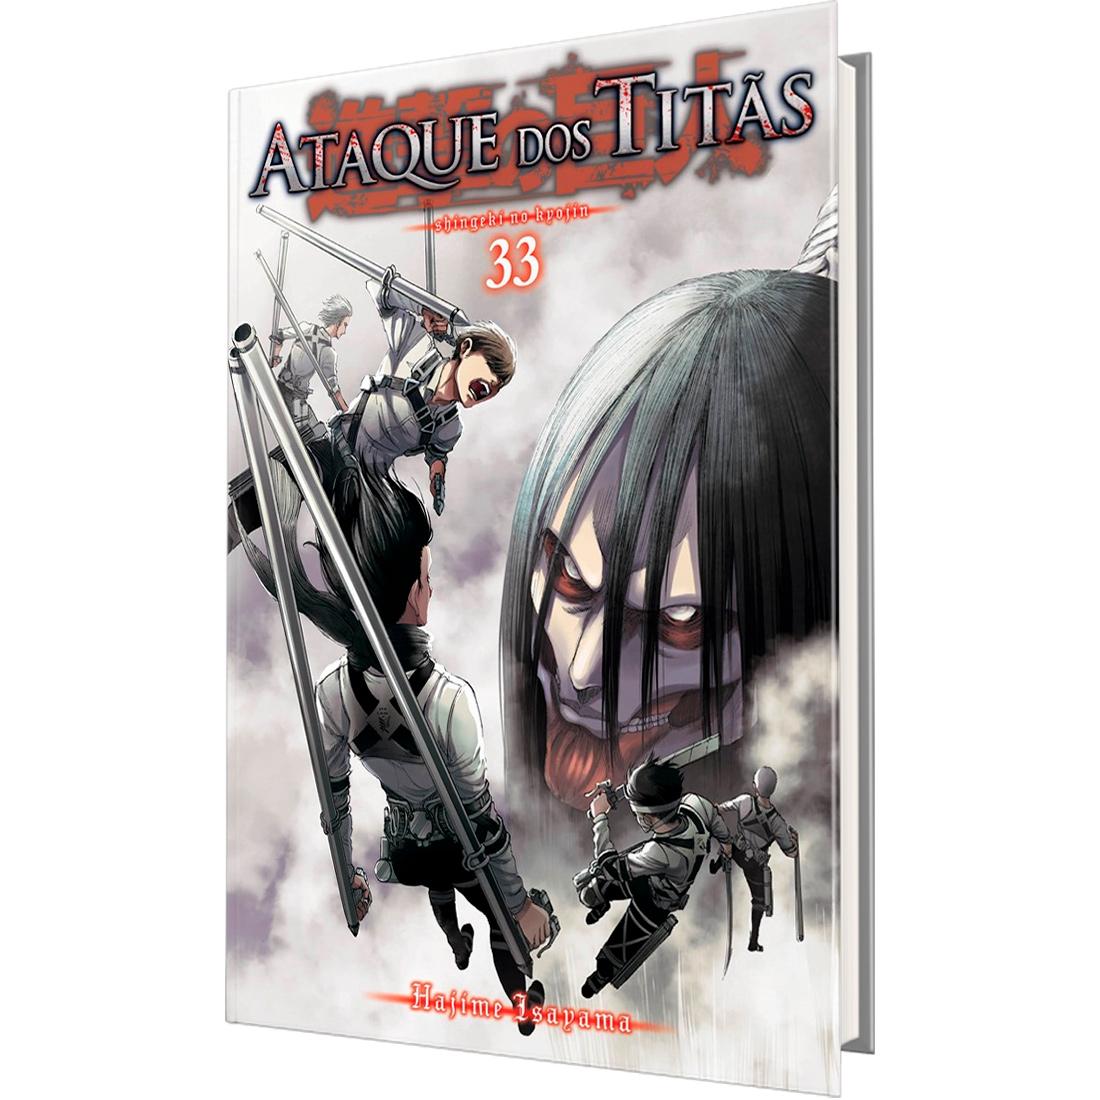 Ataque dos Titãs Vol. 33